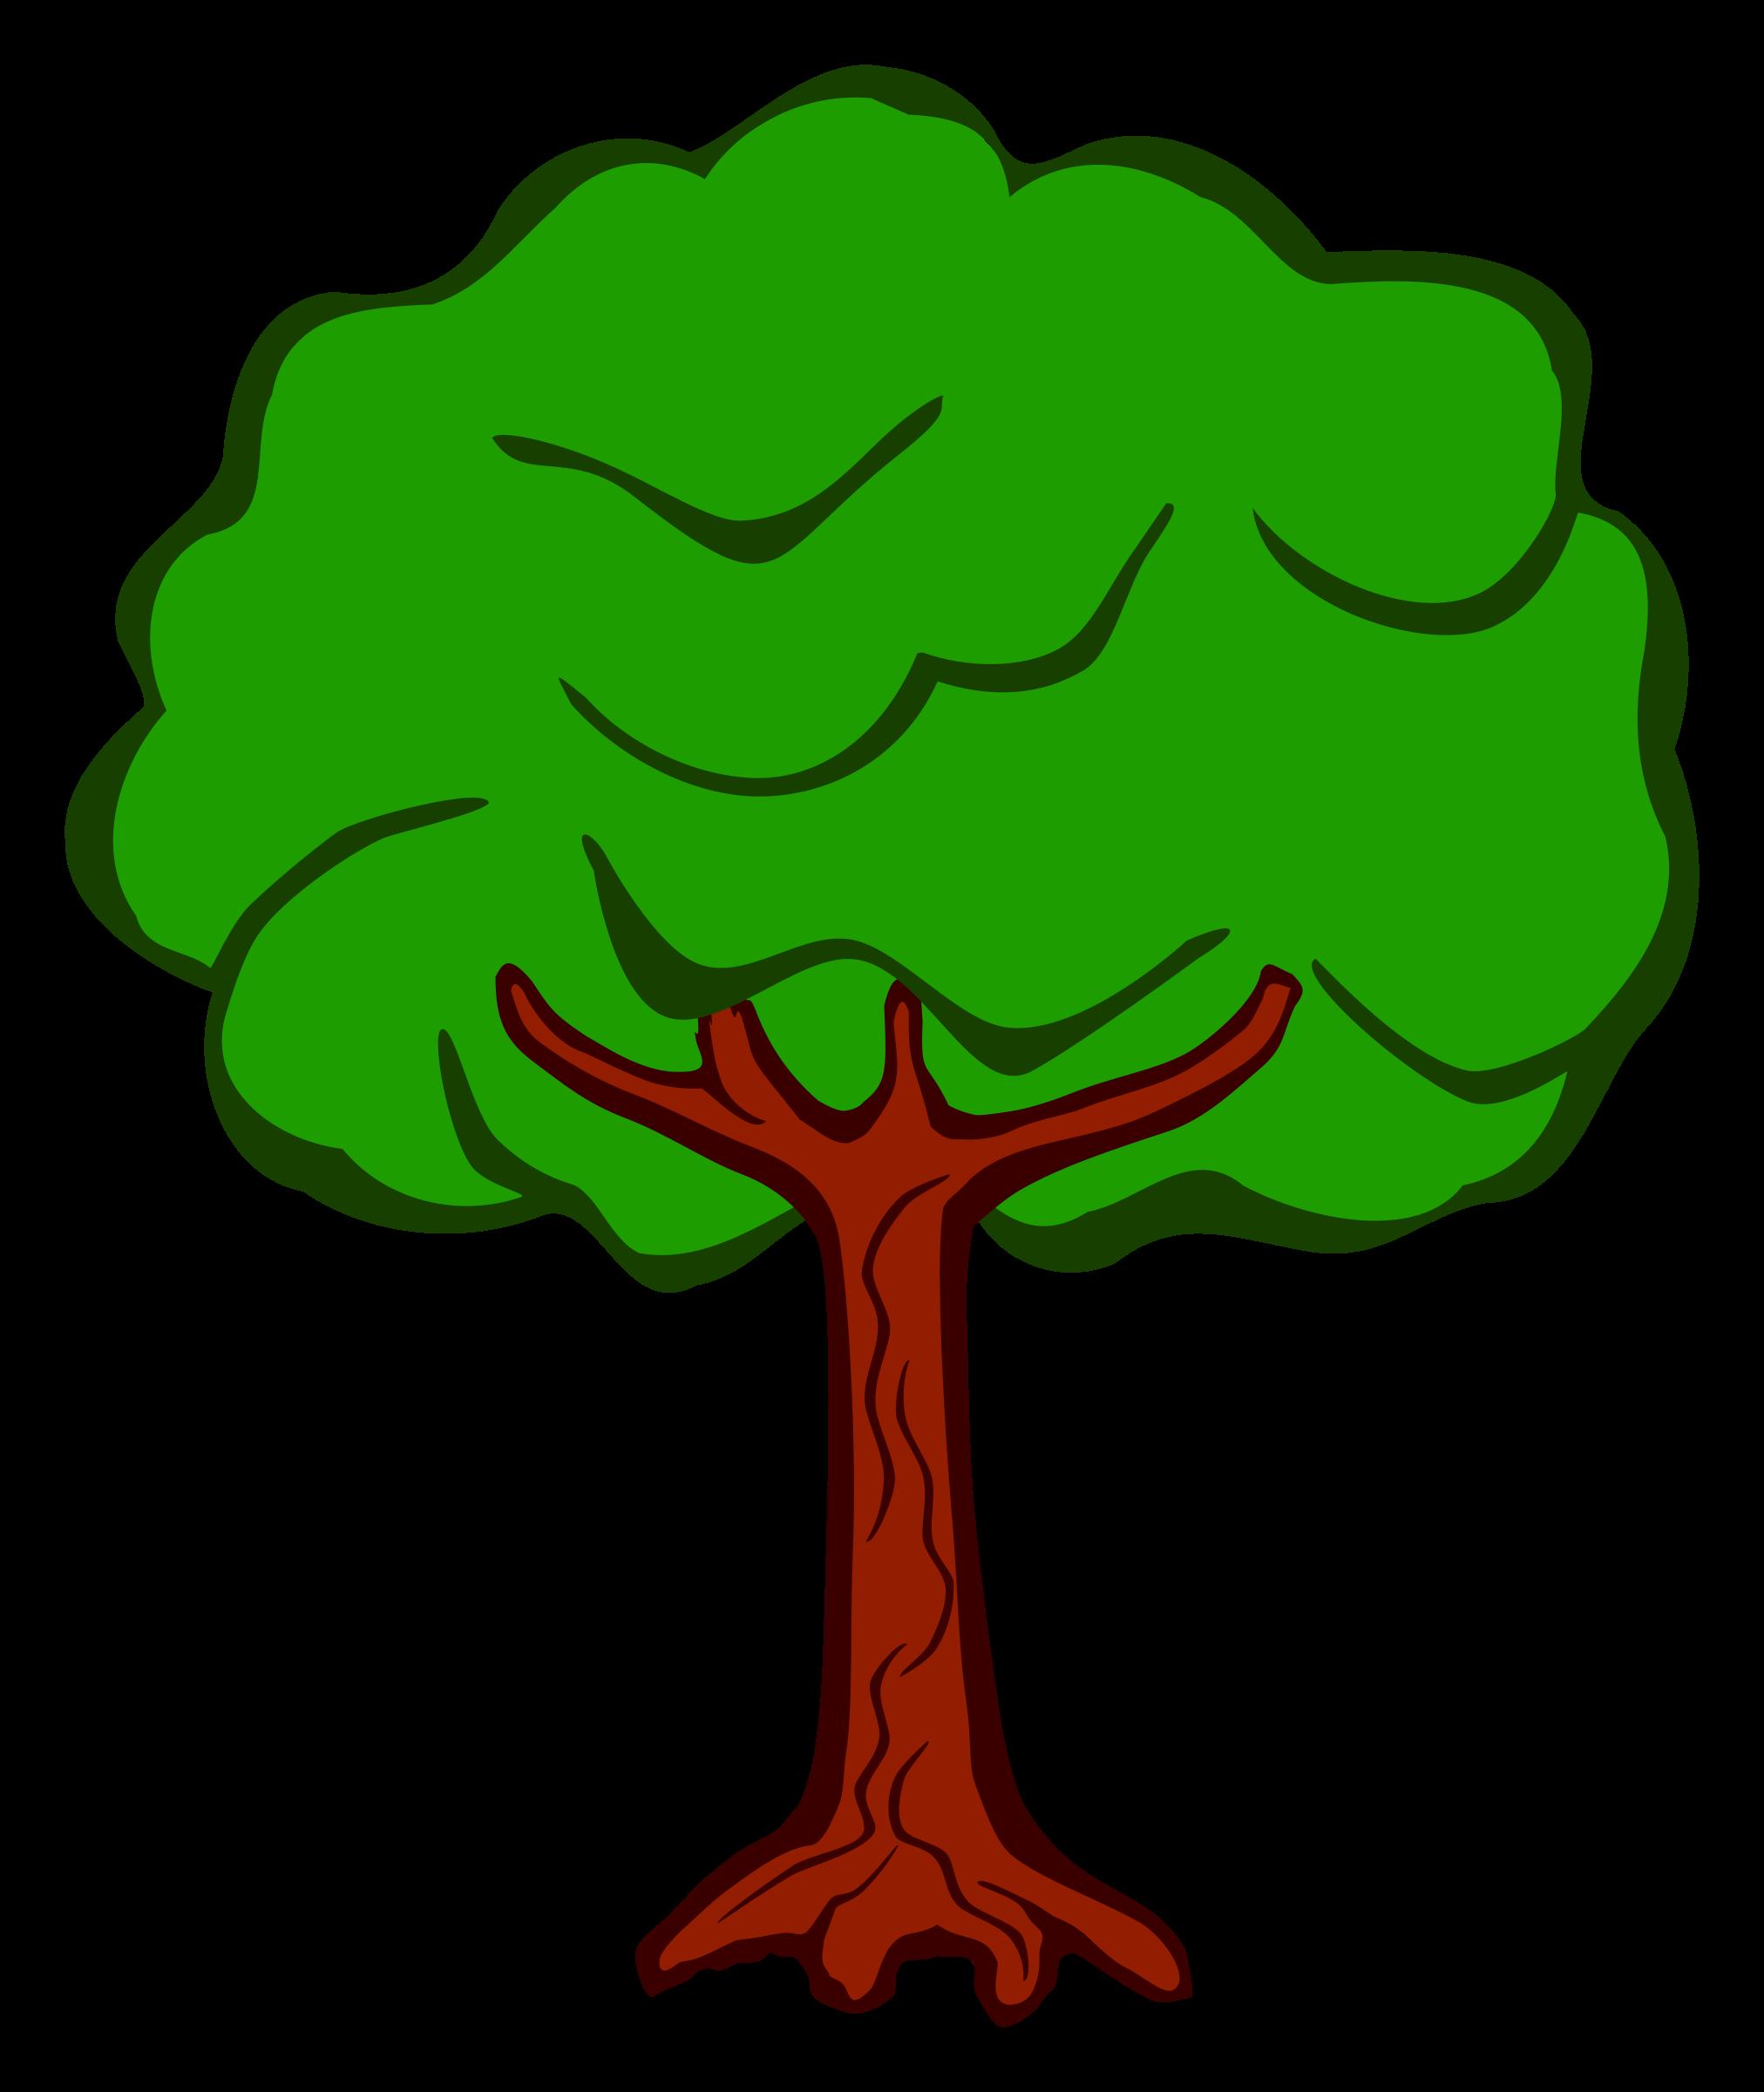 Дерево рисунок шаблон распечатать цветное